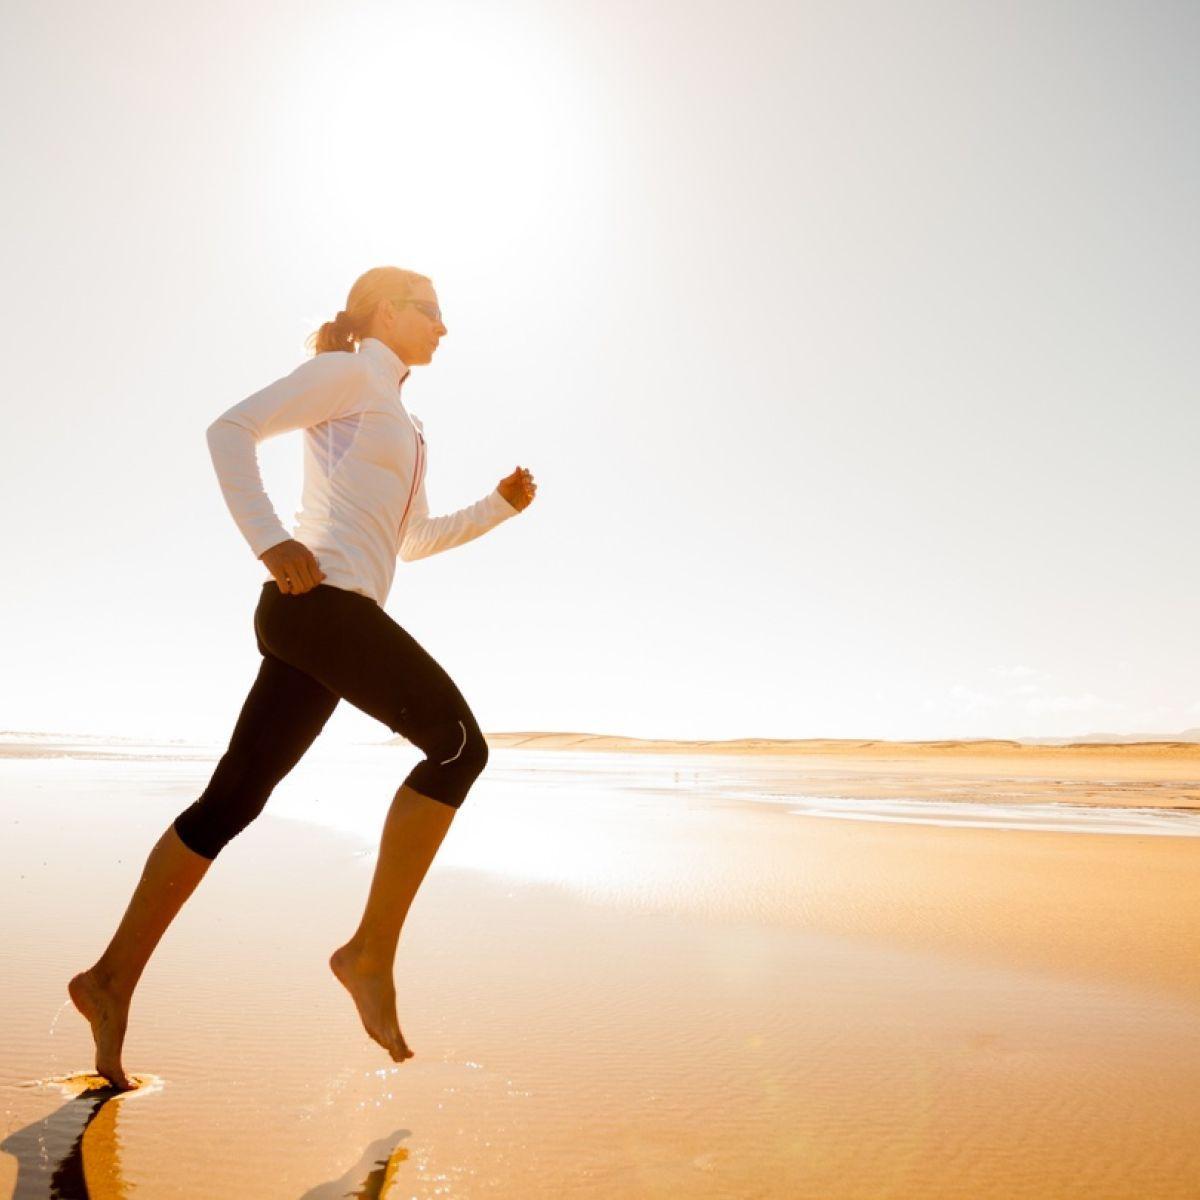 Barefoot running es la accion de correr descalzo